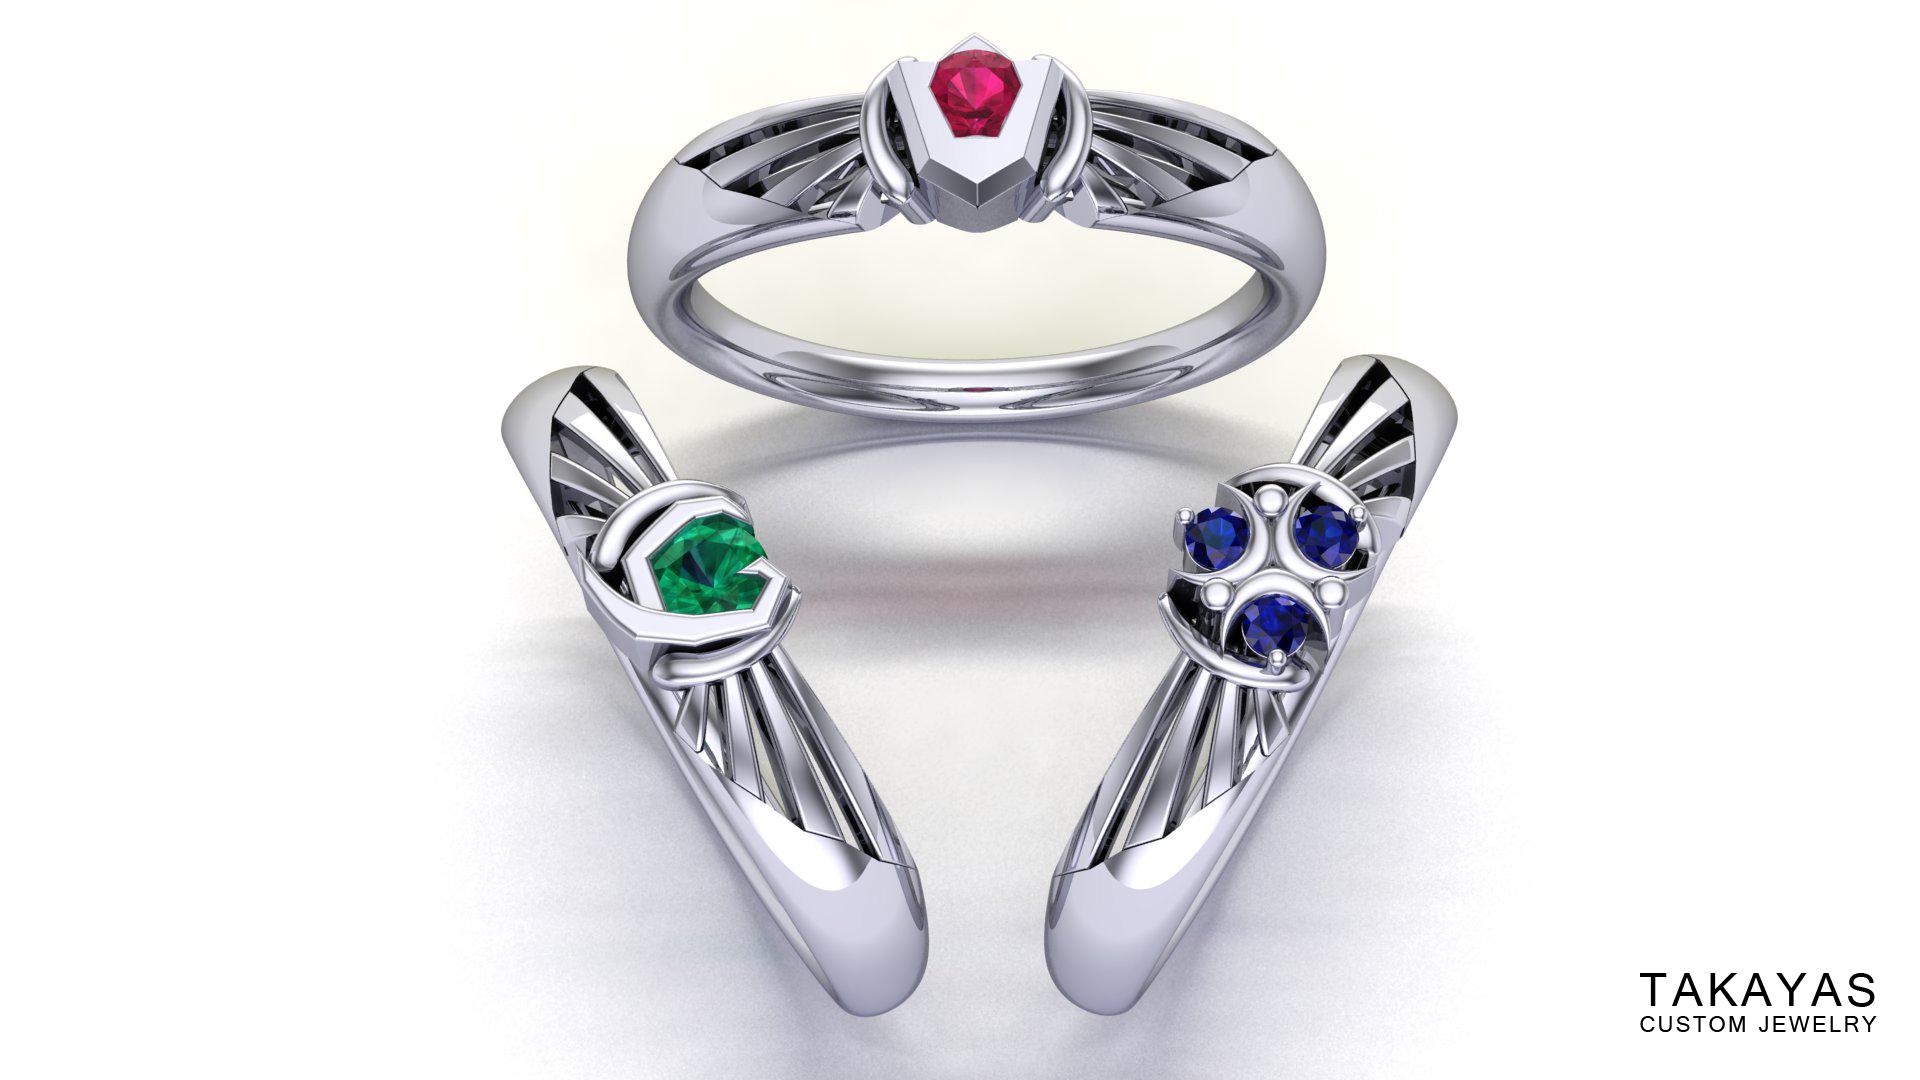 Zelda-Spiritual-Stone-Ring-Collection-Takayas